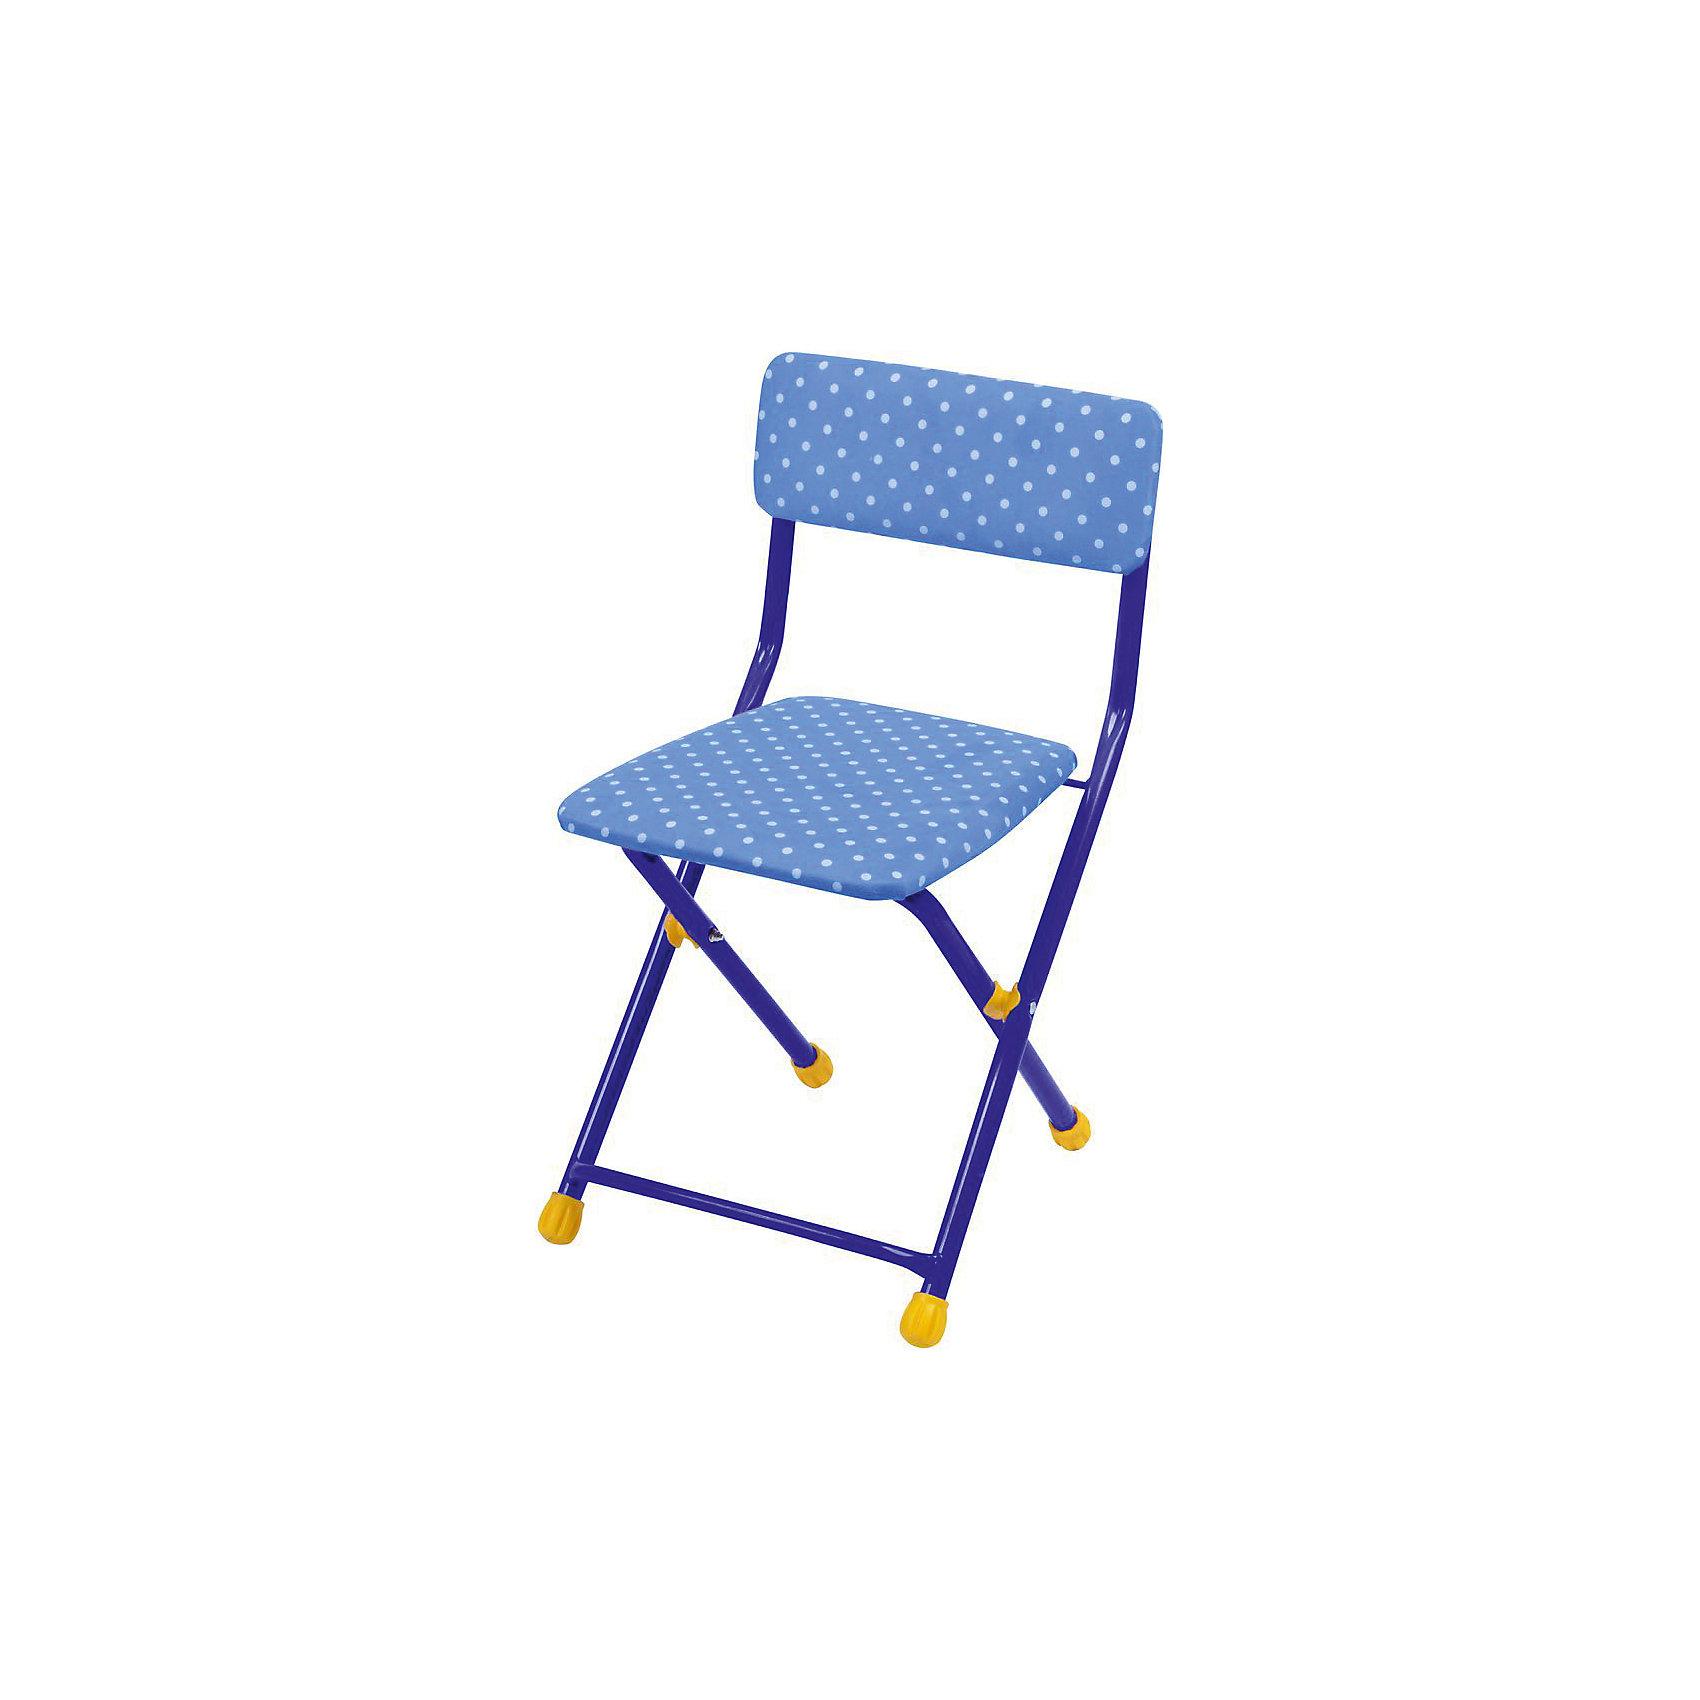 Складной стул с мягким сиденьем